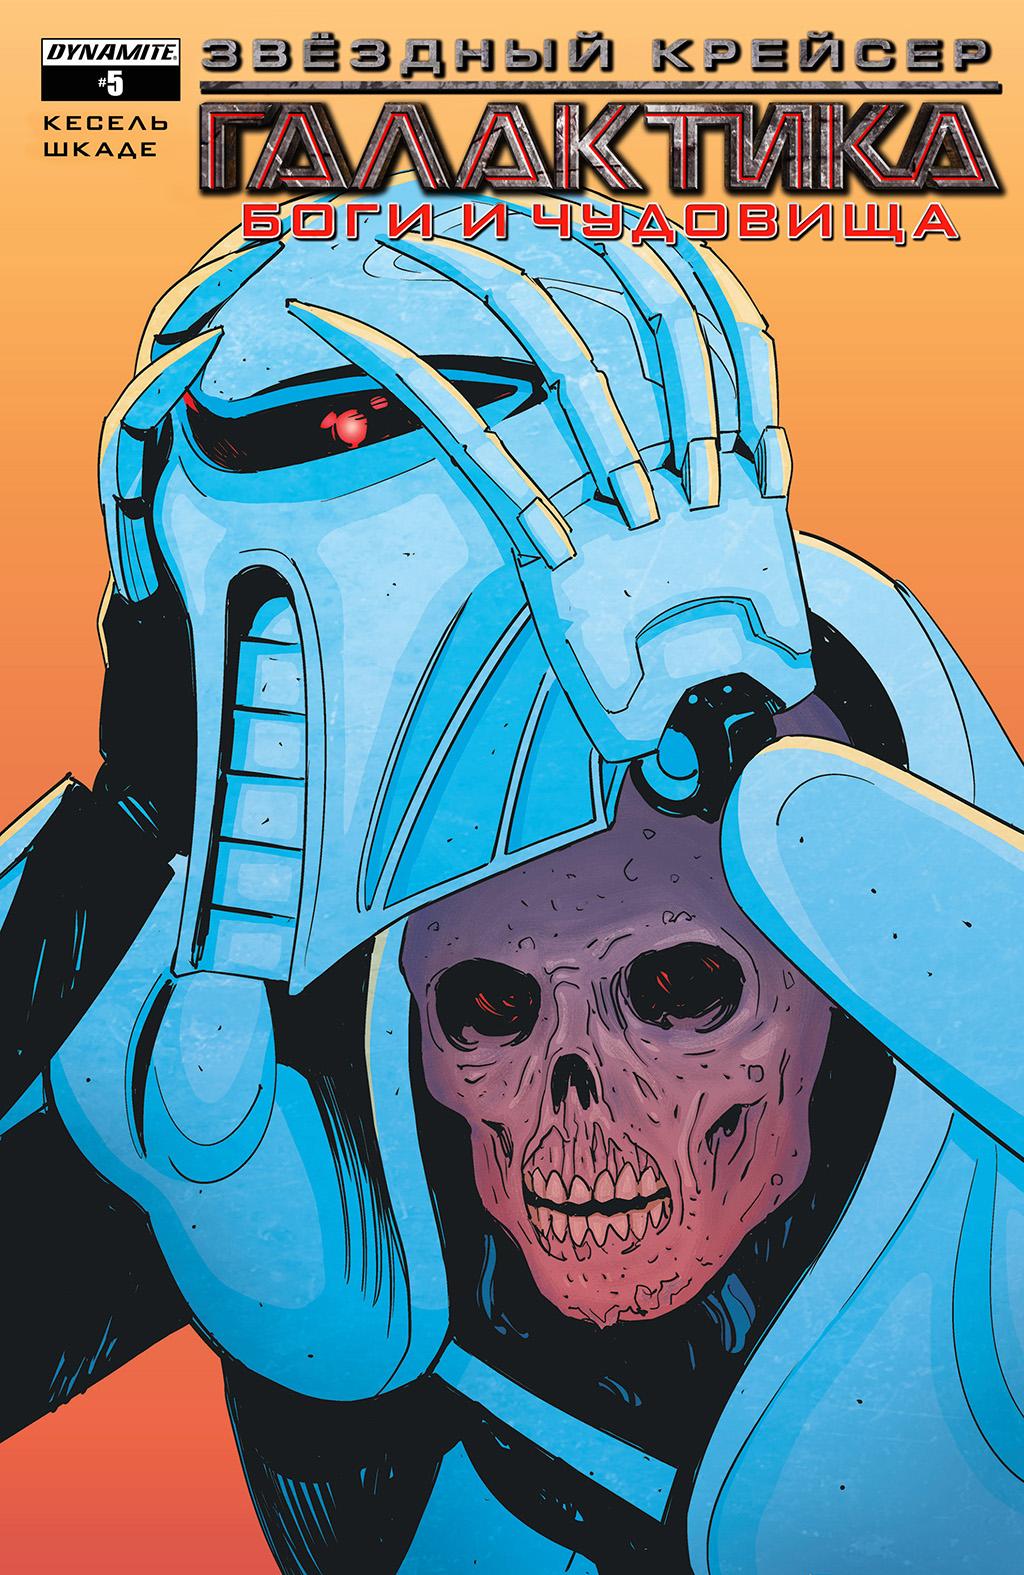 Комикс Звездный Крейсер Галактика: Боги и Чудовища